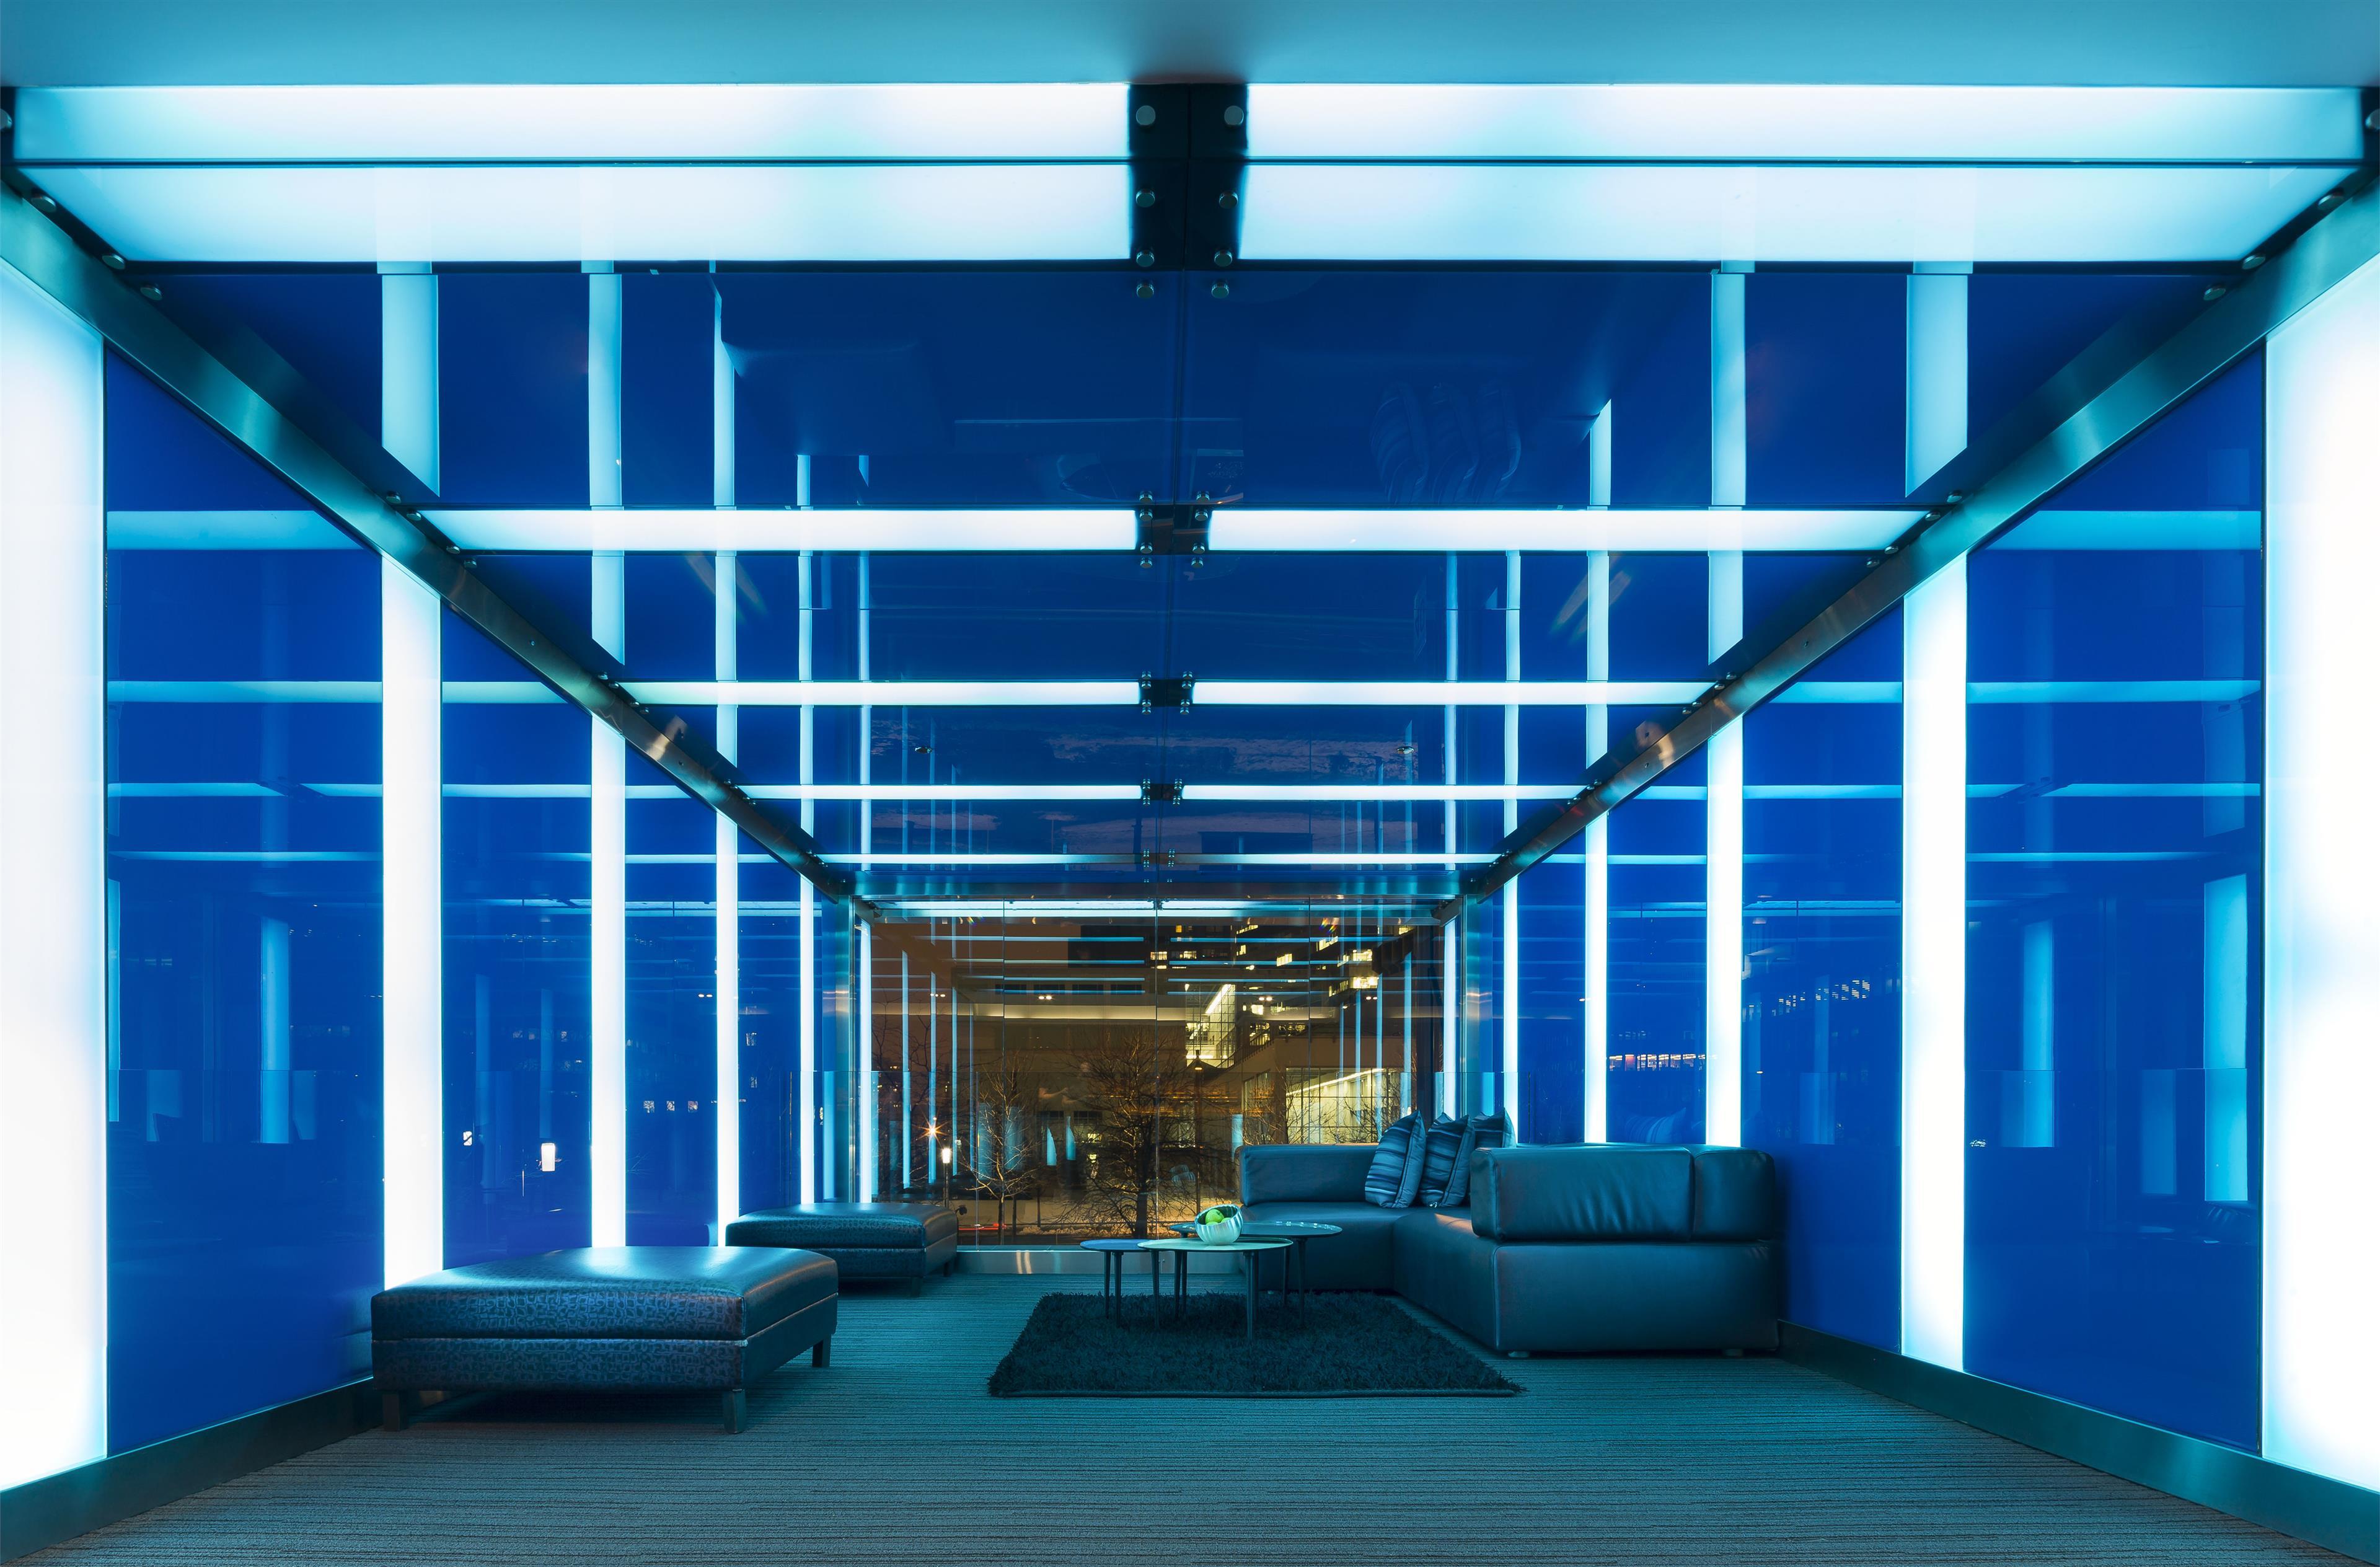 W Montréal à Montreal: W Montreal Hotel Salon Bleu